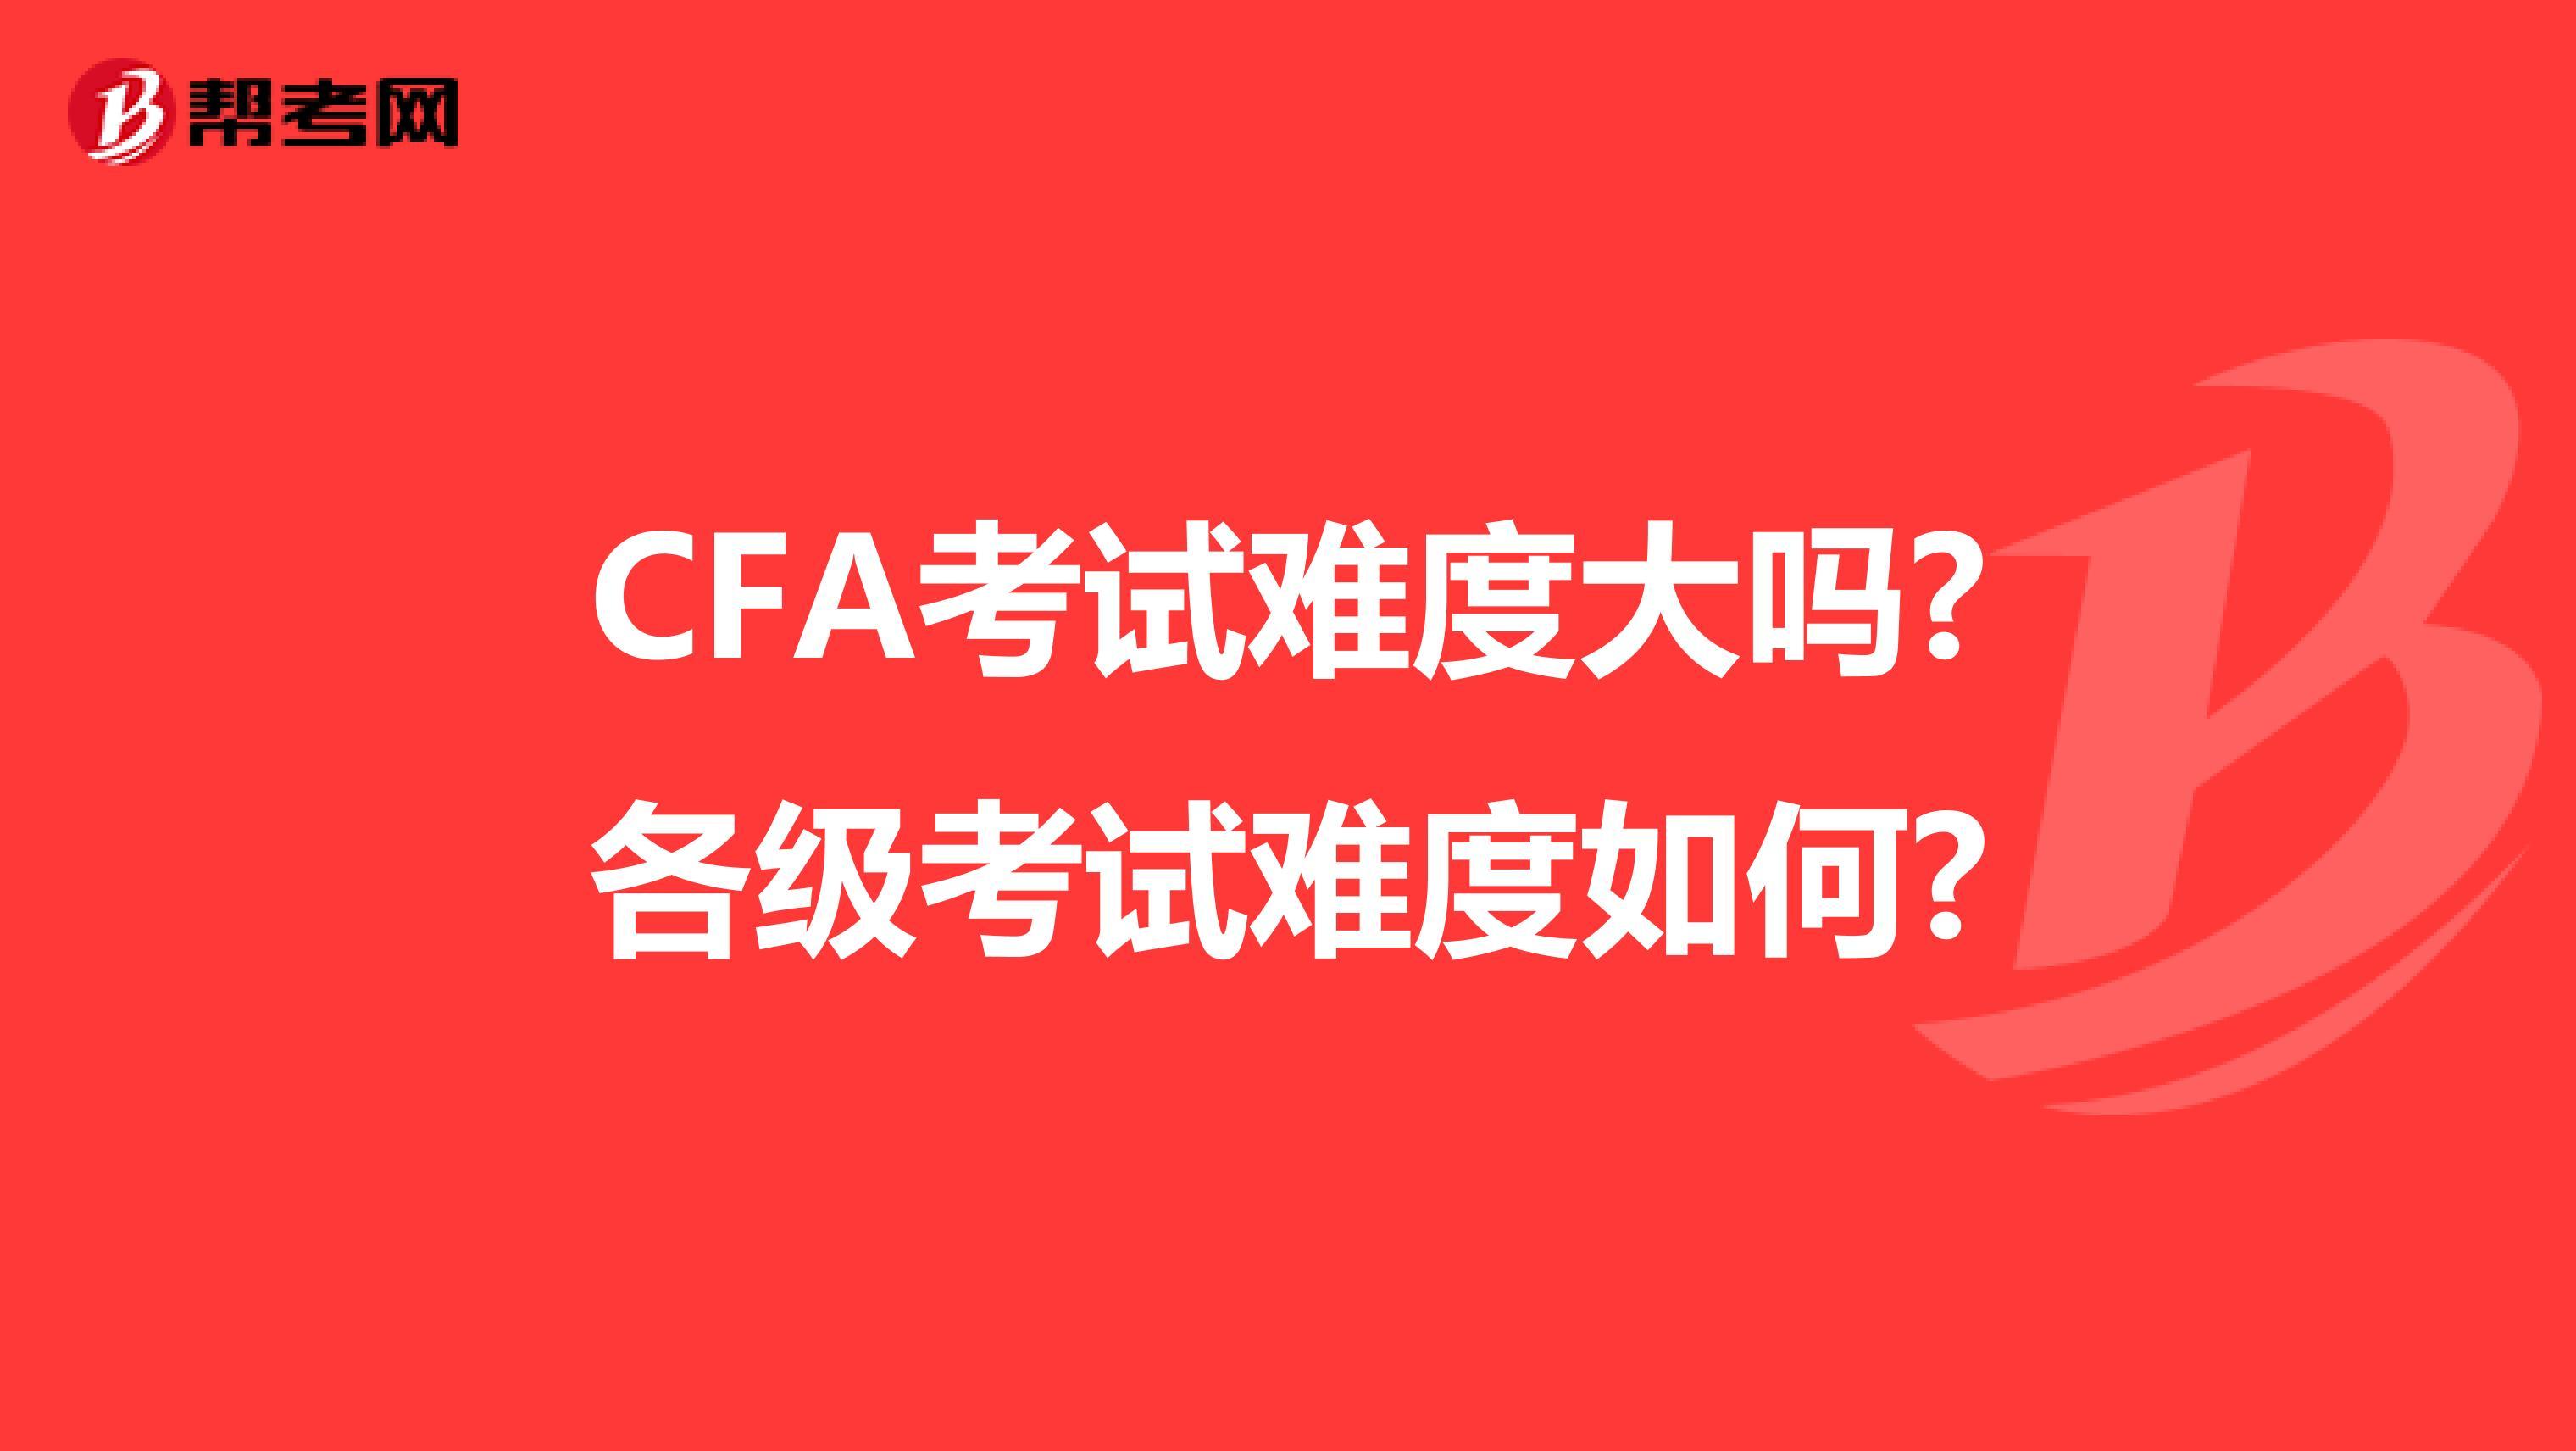 CFA考试难度大吗?各级考试难度如何?